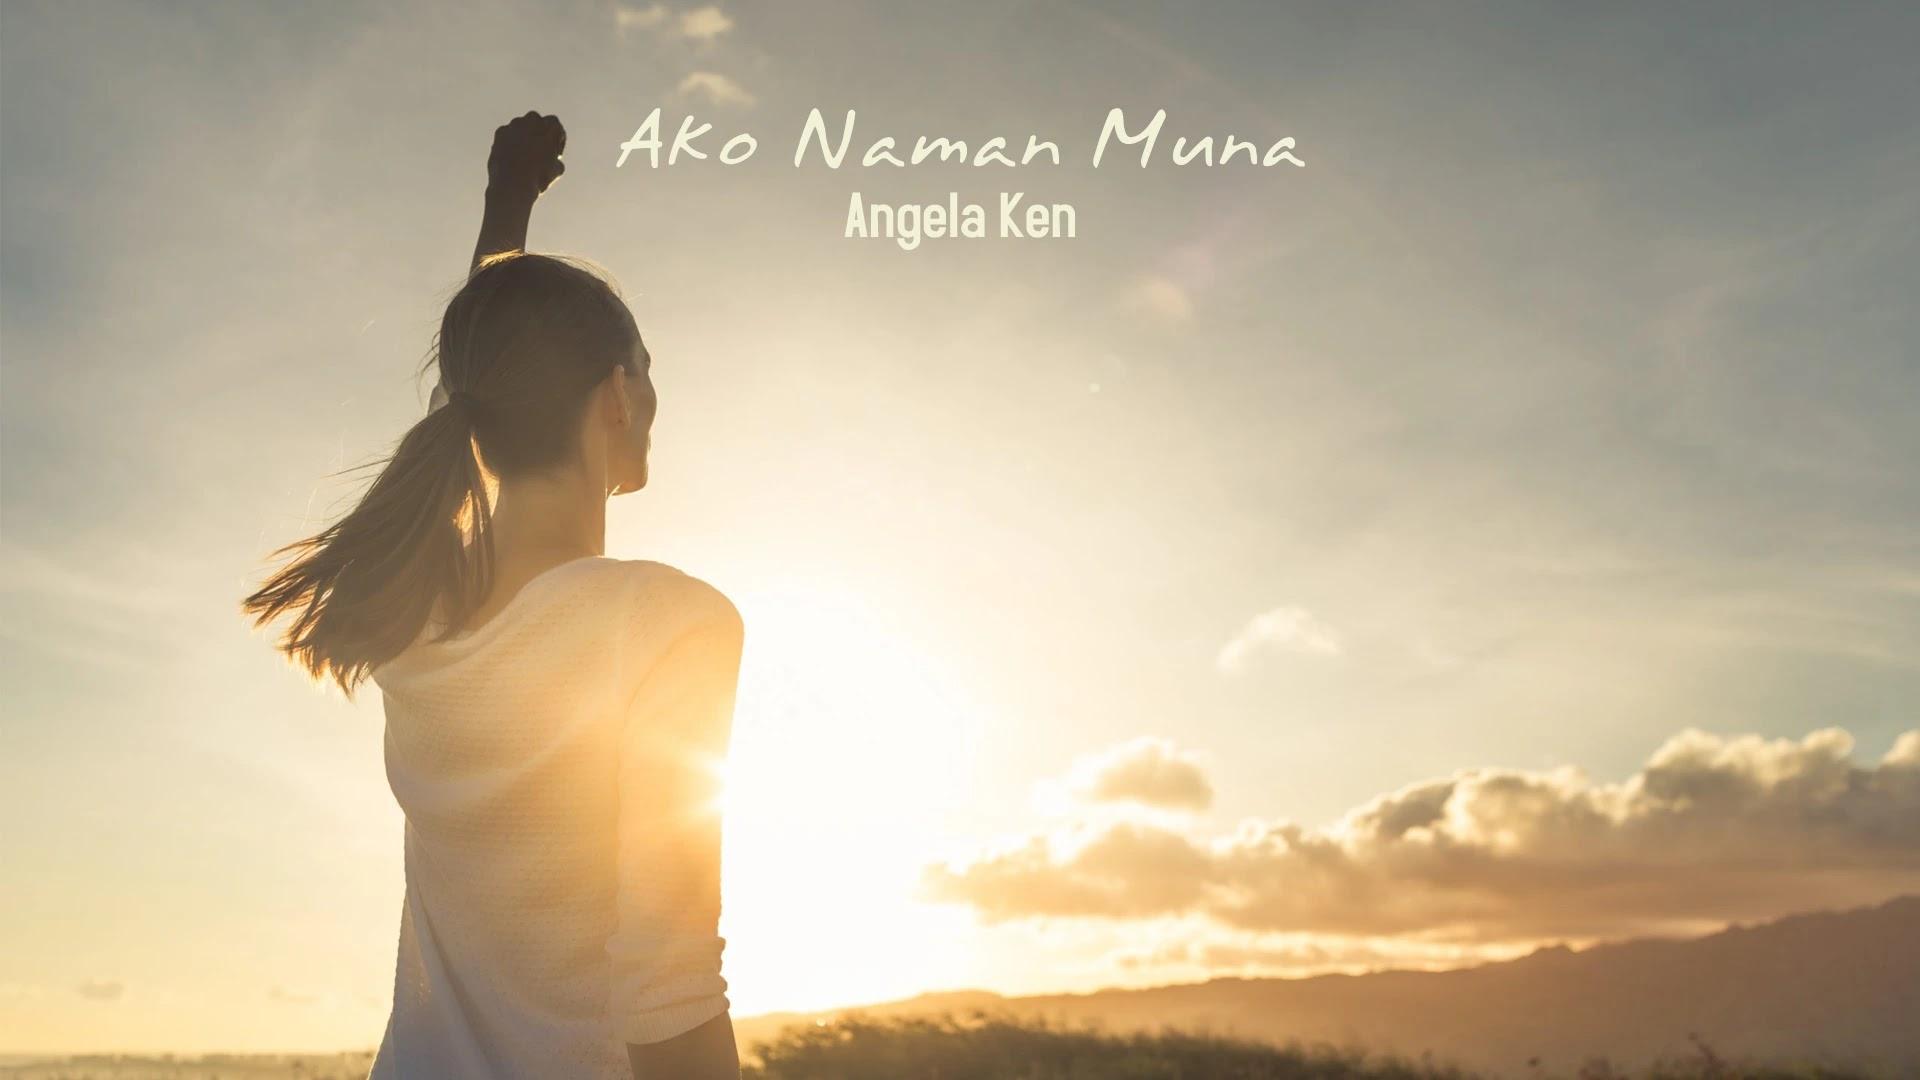 Ako Naman Muna - Angela Ken